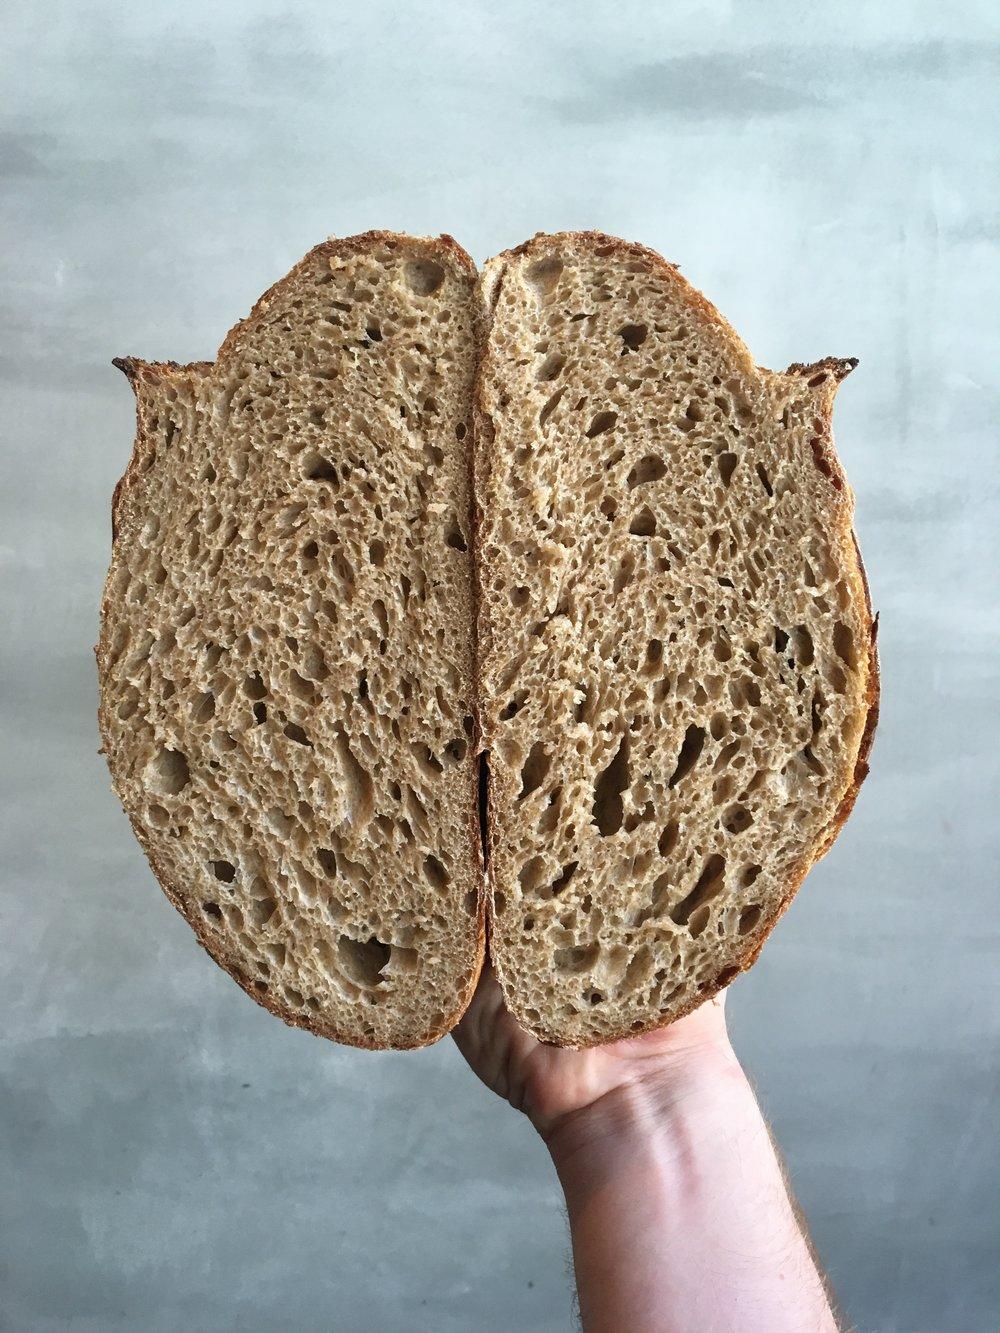 Kernza bread